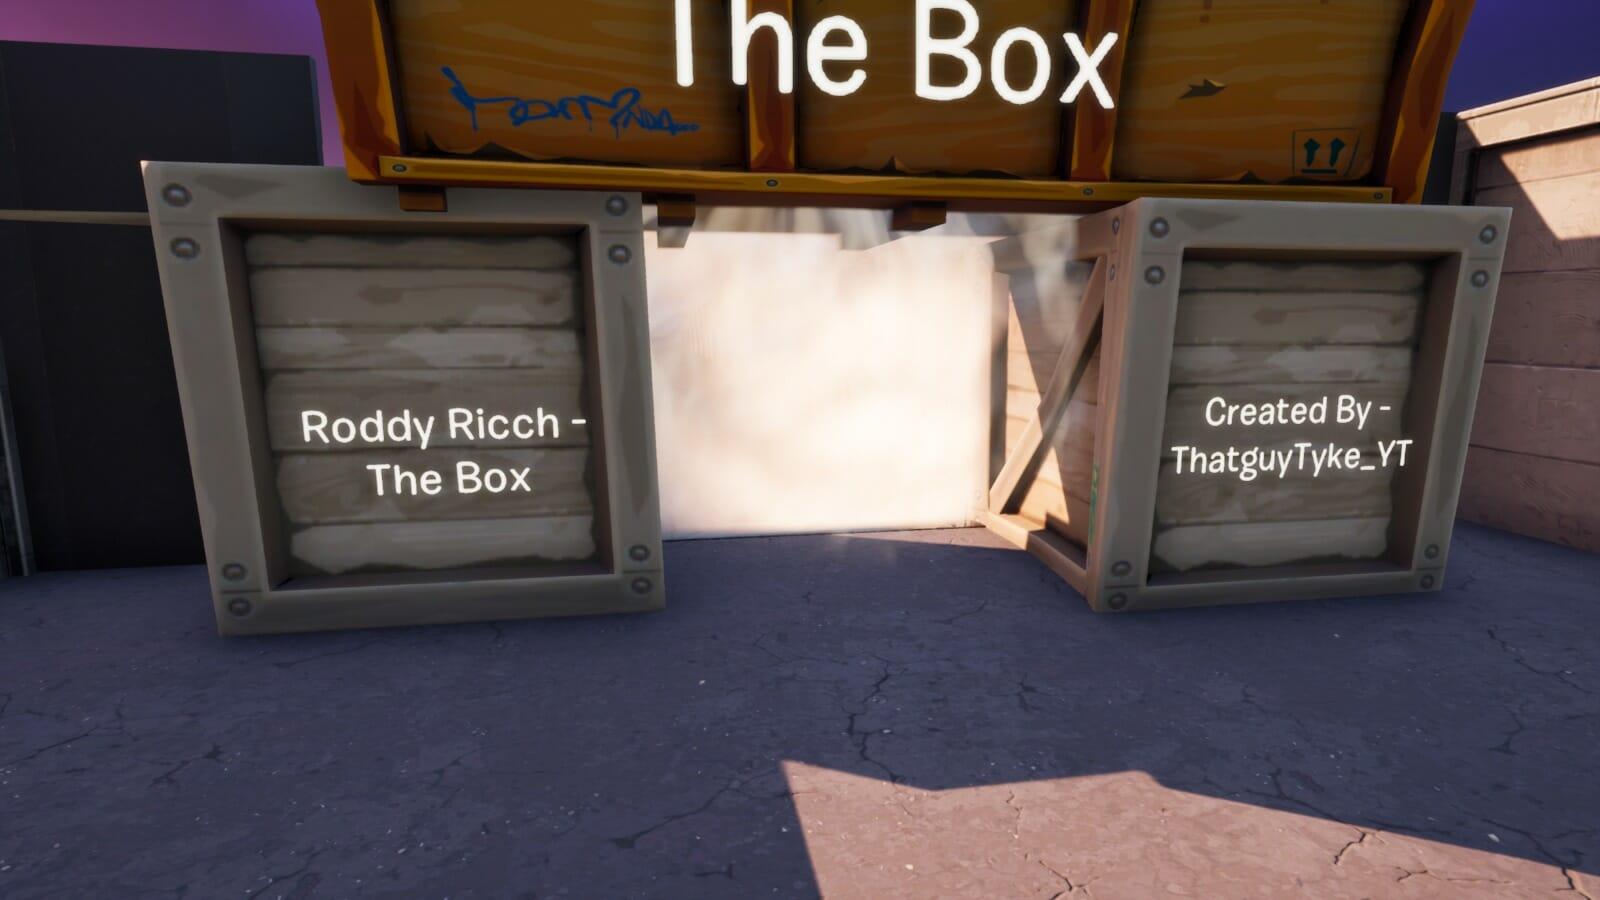 Roddy Ricch The Box Music Blocks Thatguytyke Yt Fortnite